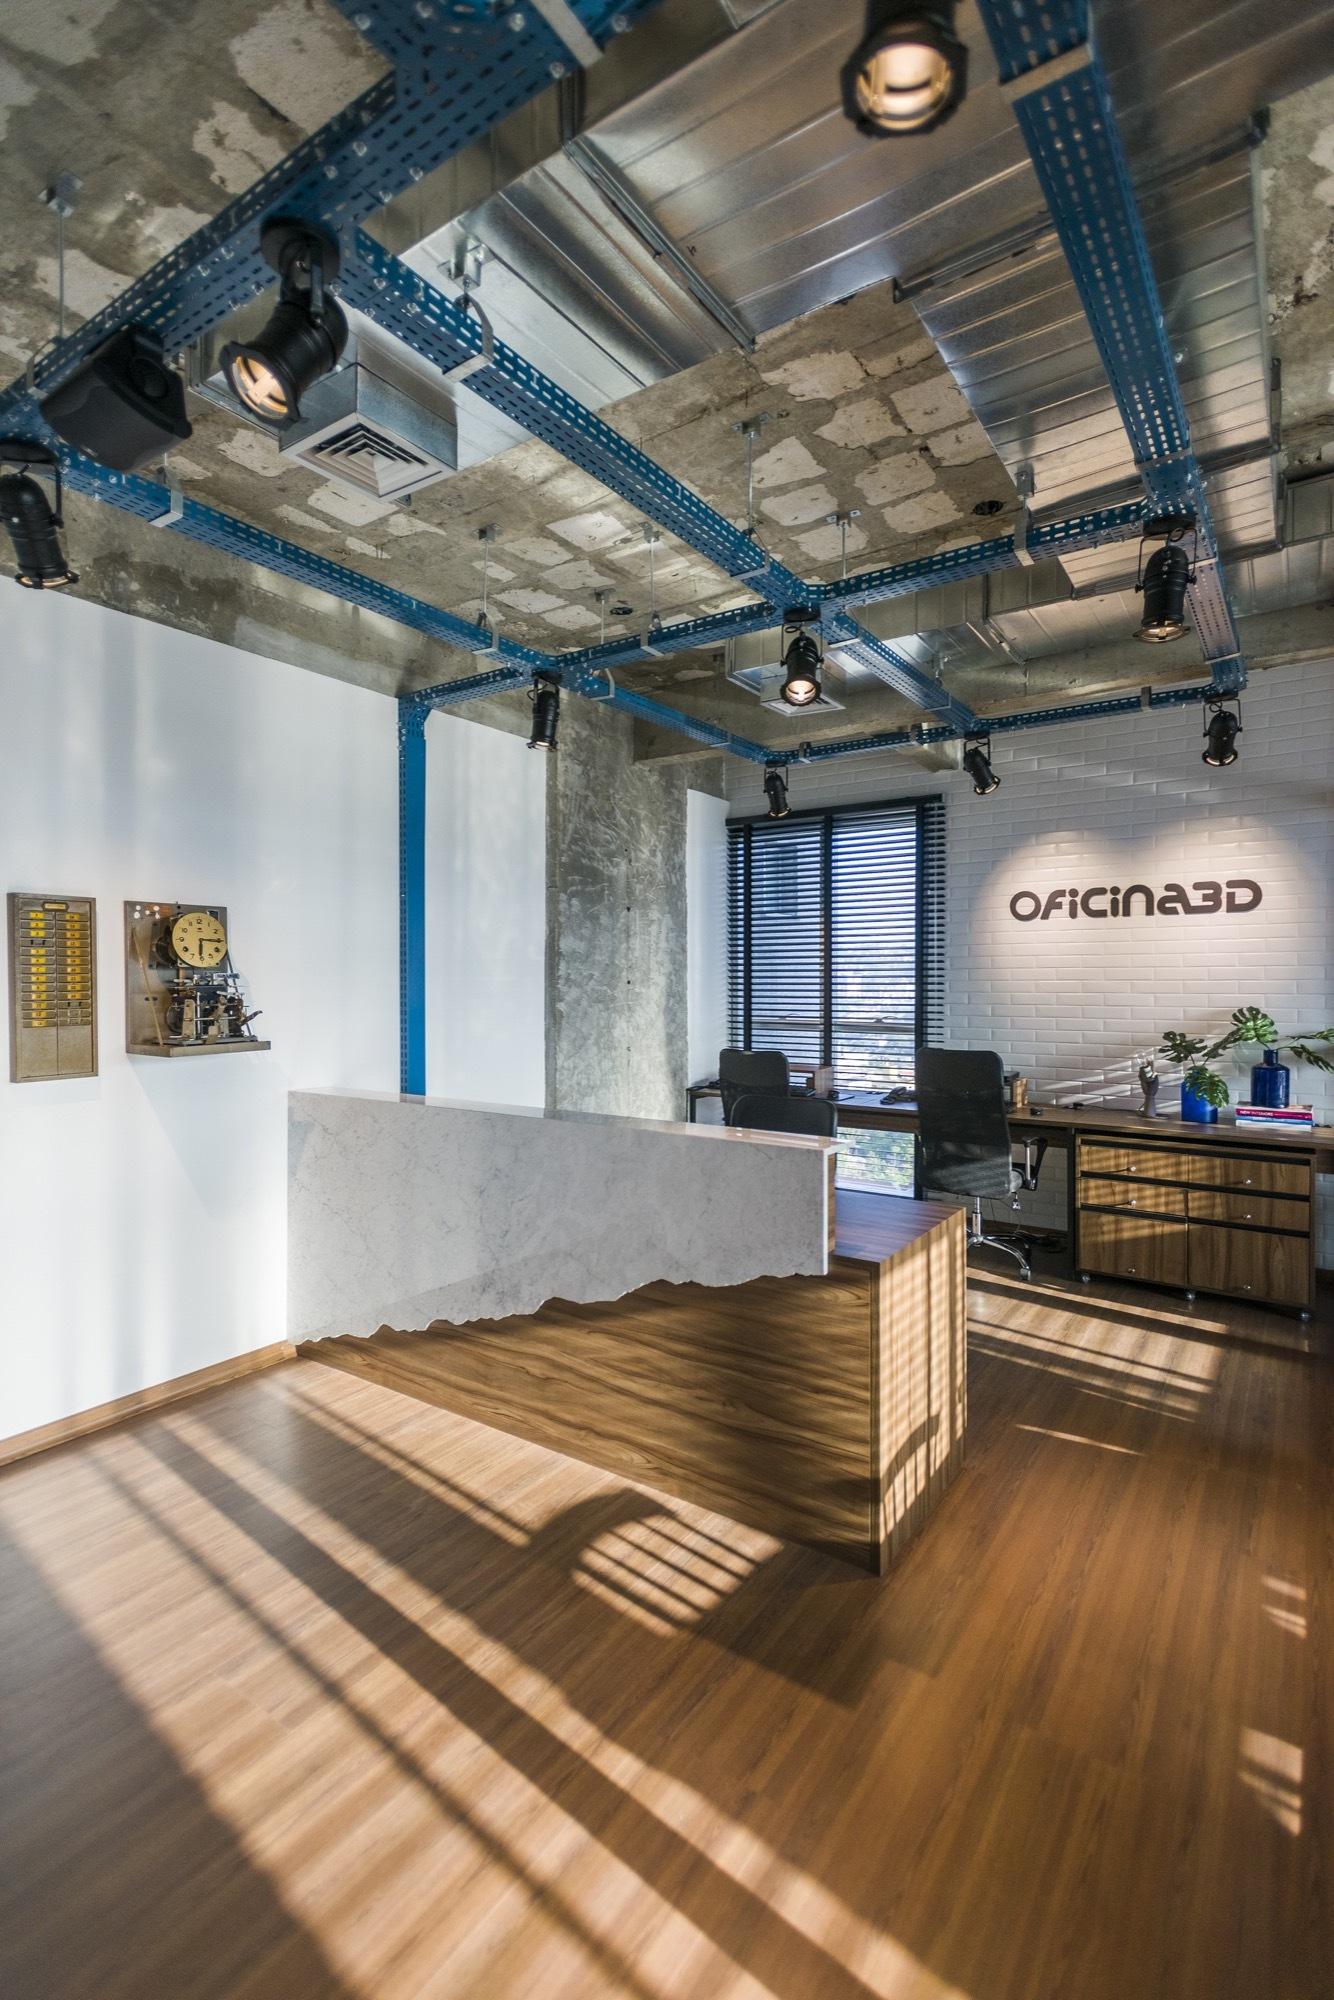 Galeria de oficina3d studio alencar 11 for Oficina de infiltrados temporada 3